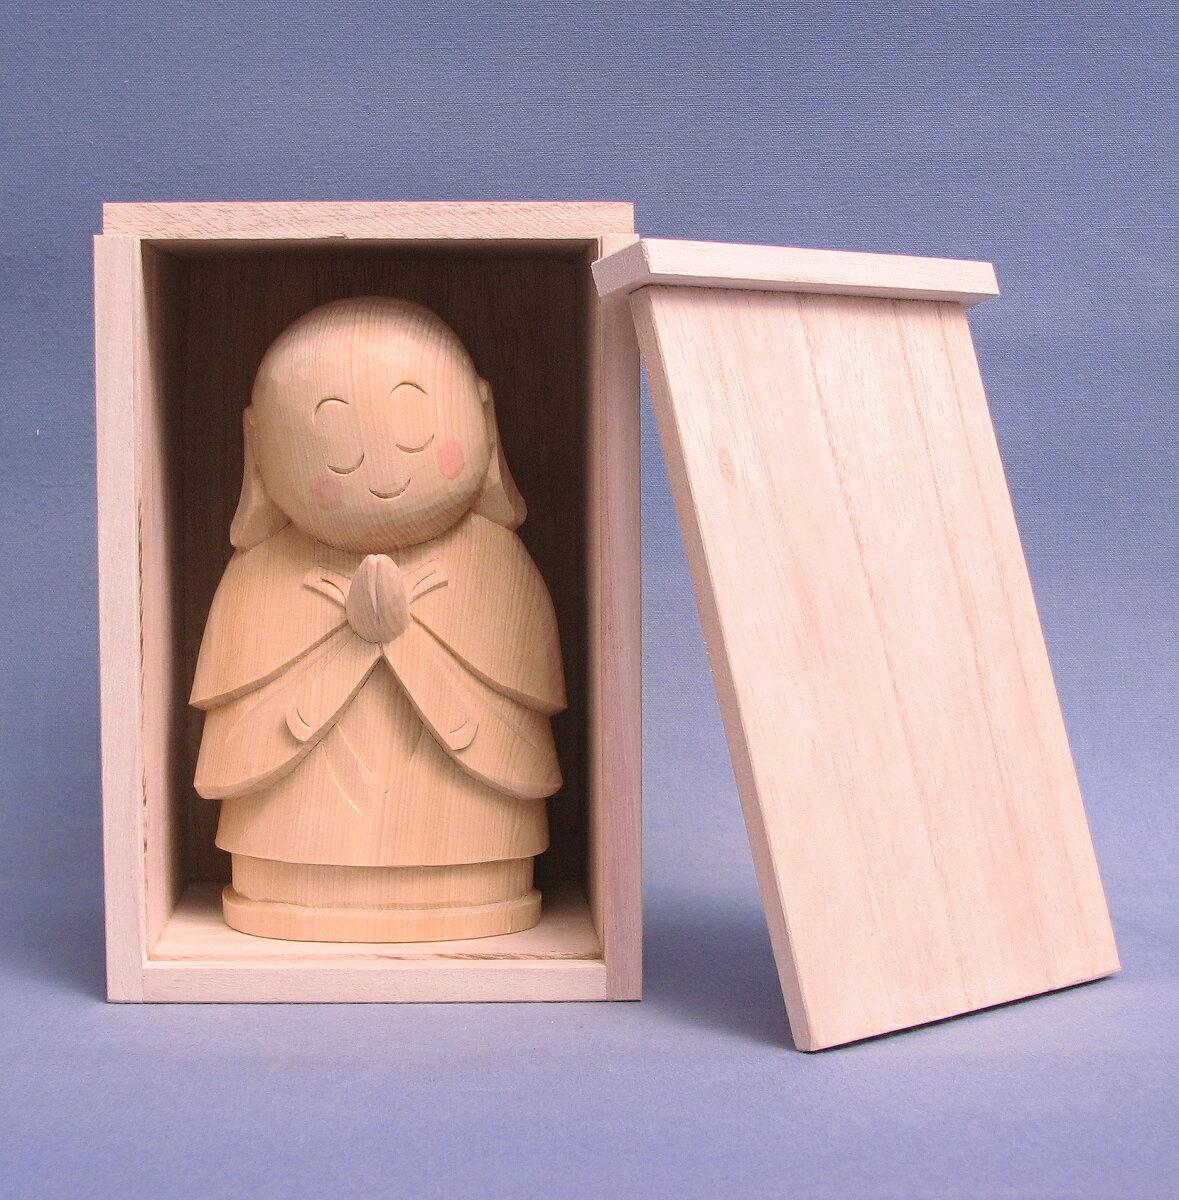 仏像 お地蔵さん 桐箱付き 15cm 桧木 檜 ヒノキ お地蔵様 置物 縁起物 ギフト プレゼント